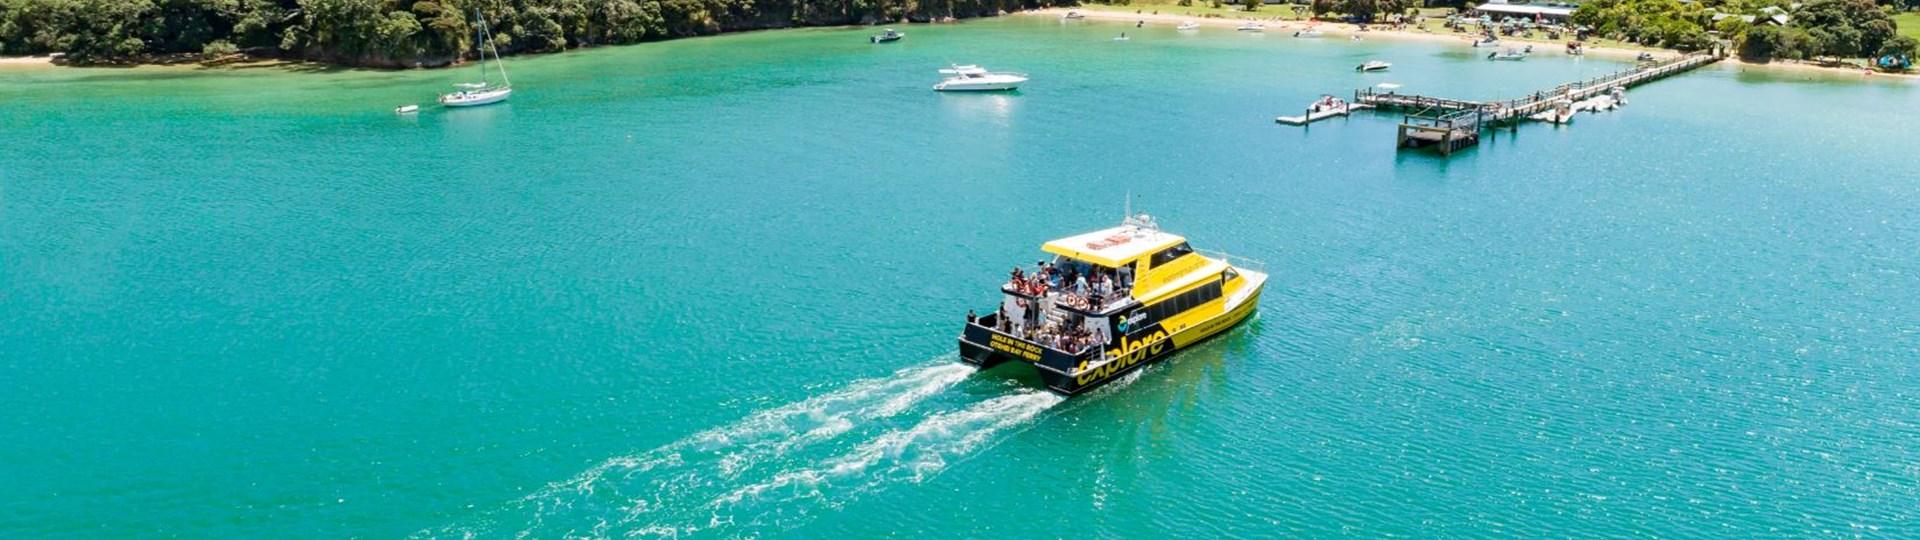 Otehi Bay Ferry Bay of Islands